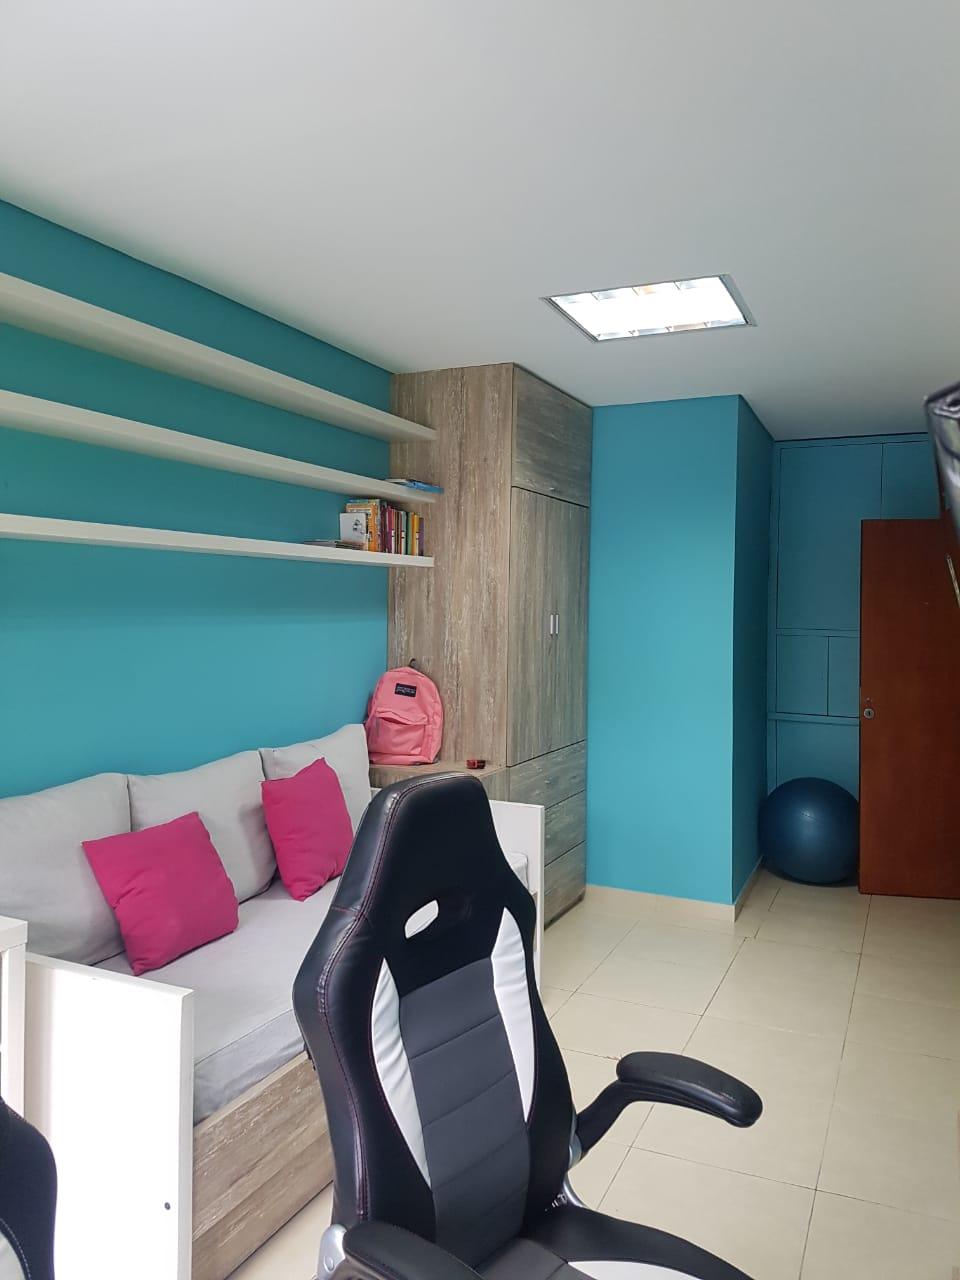 dormitorio infantil playroom color - Tu alfombra en pocos pasos